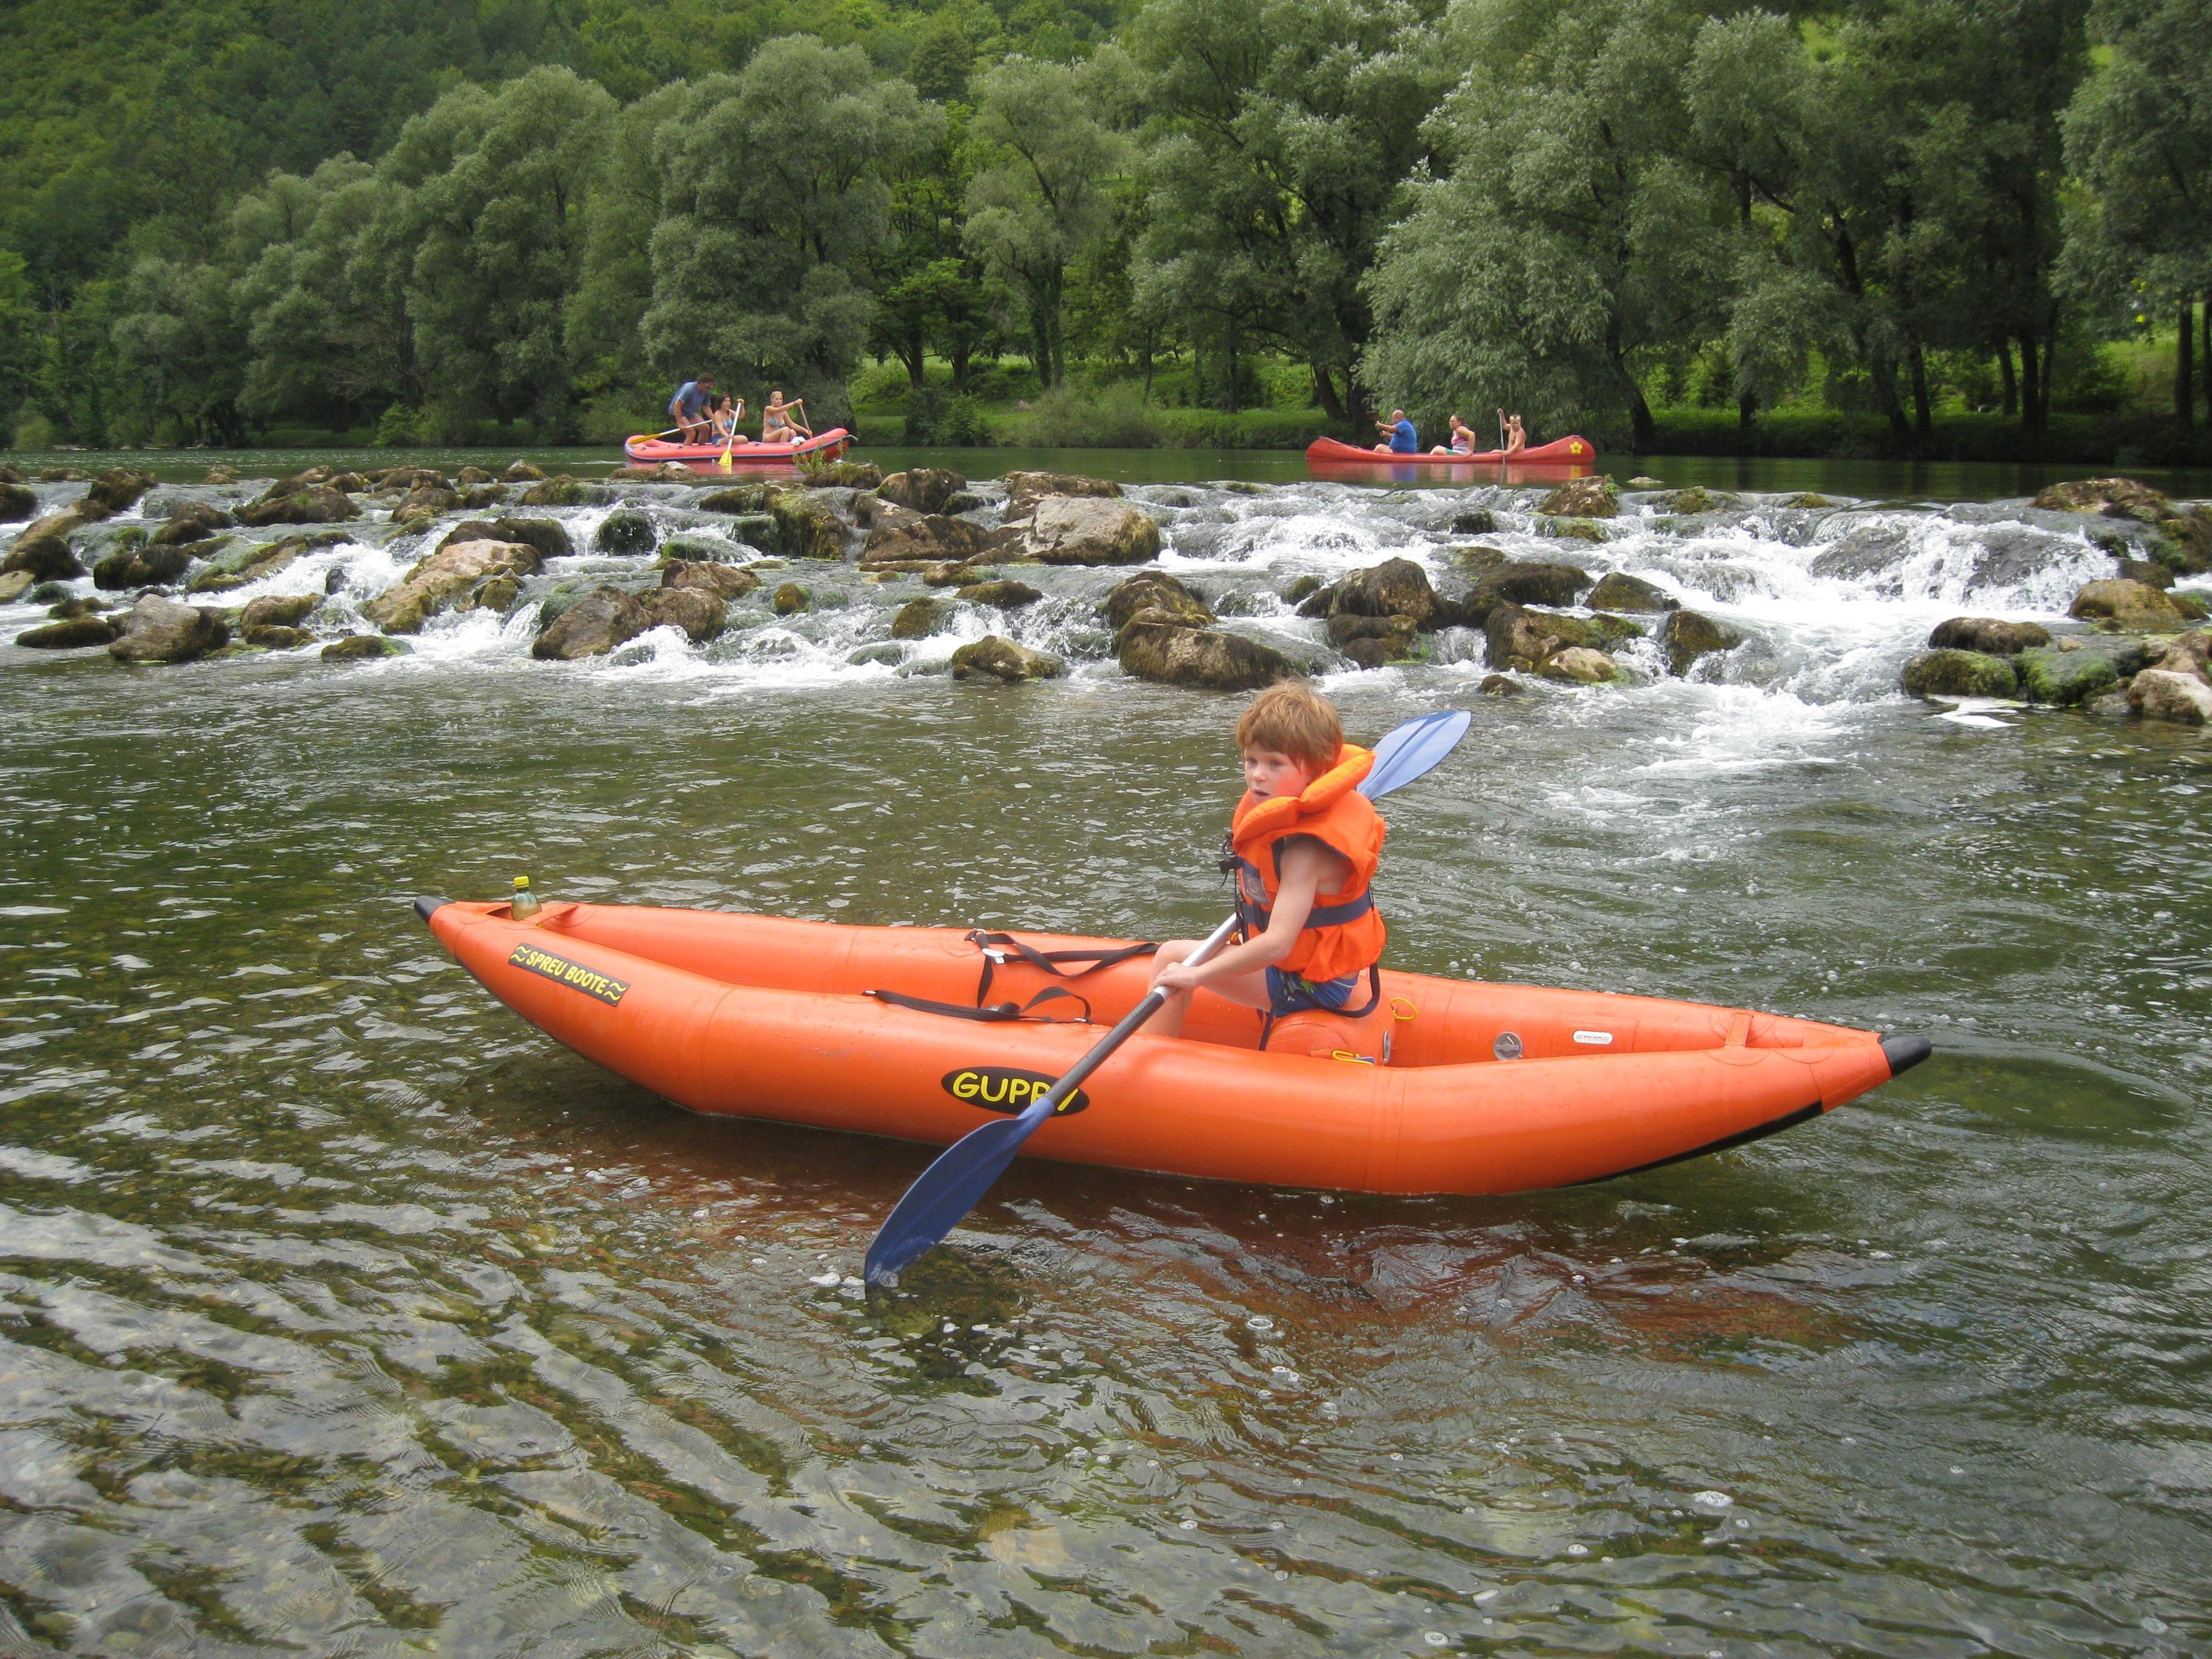 Kolpa H2O izziv, čolnarjenje po kolpi, mini raft, večdenvno čolnarjenje, robinzonsko čolnarjenje, ekspedicijsko čolnarjenje, Kostel, Kolpa Kolpa H2O izziv 100